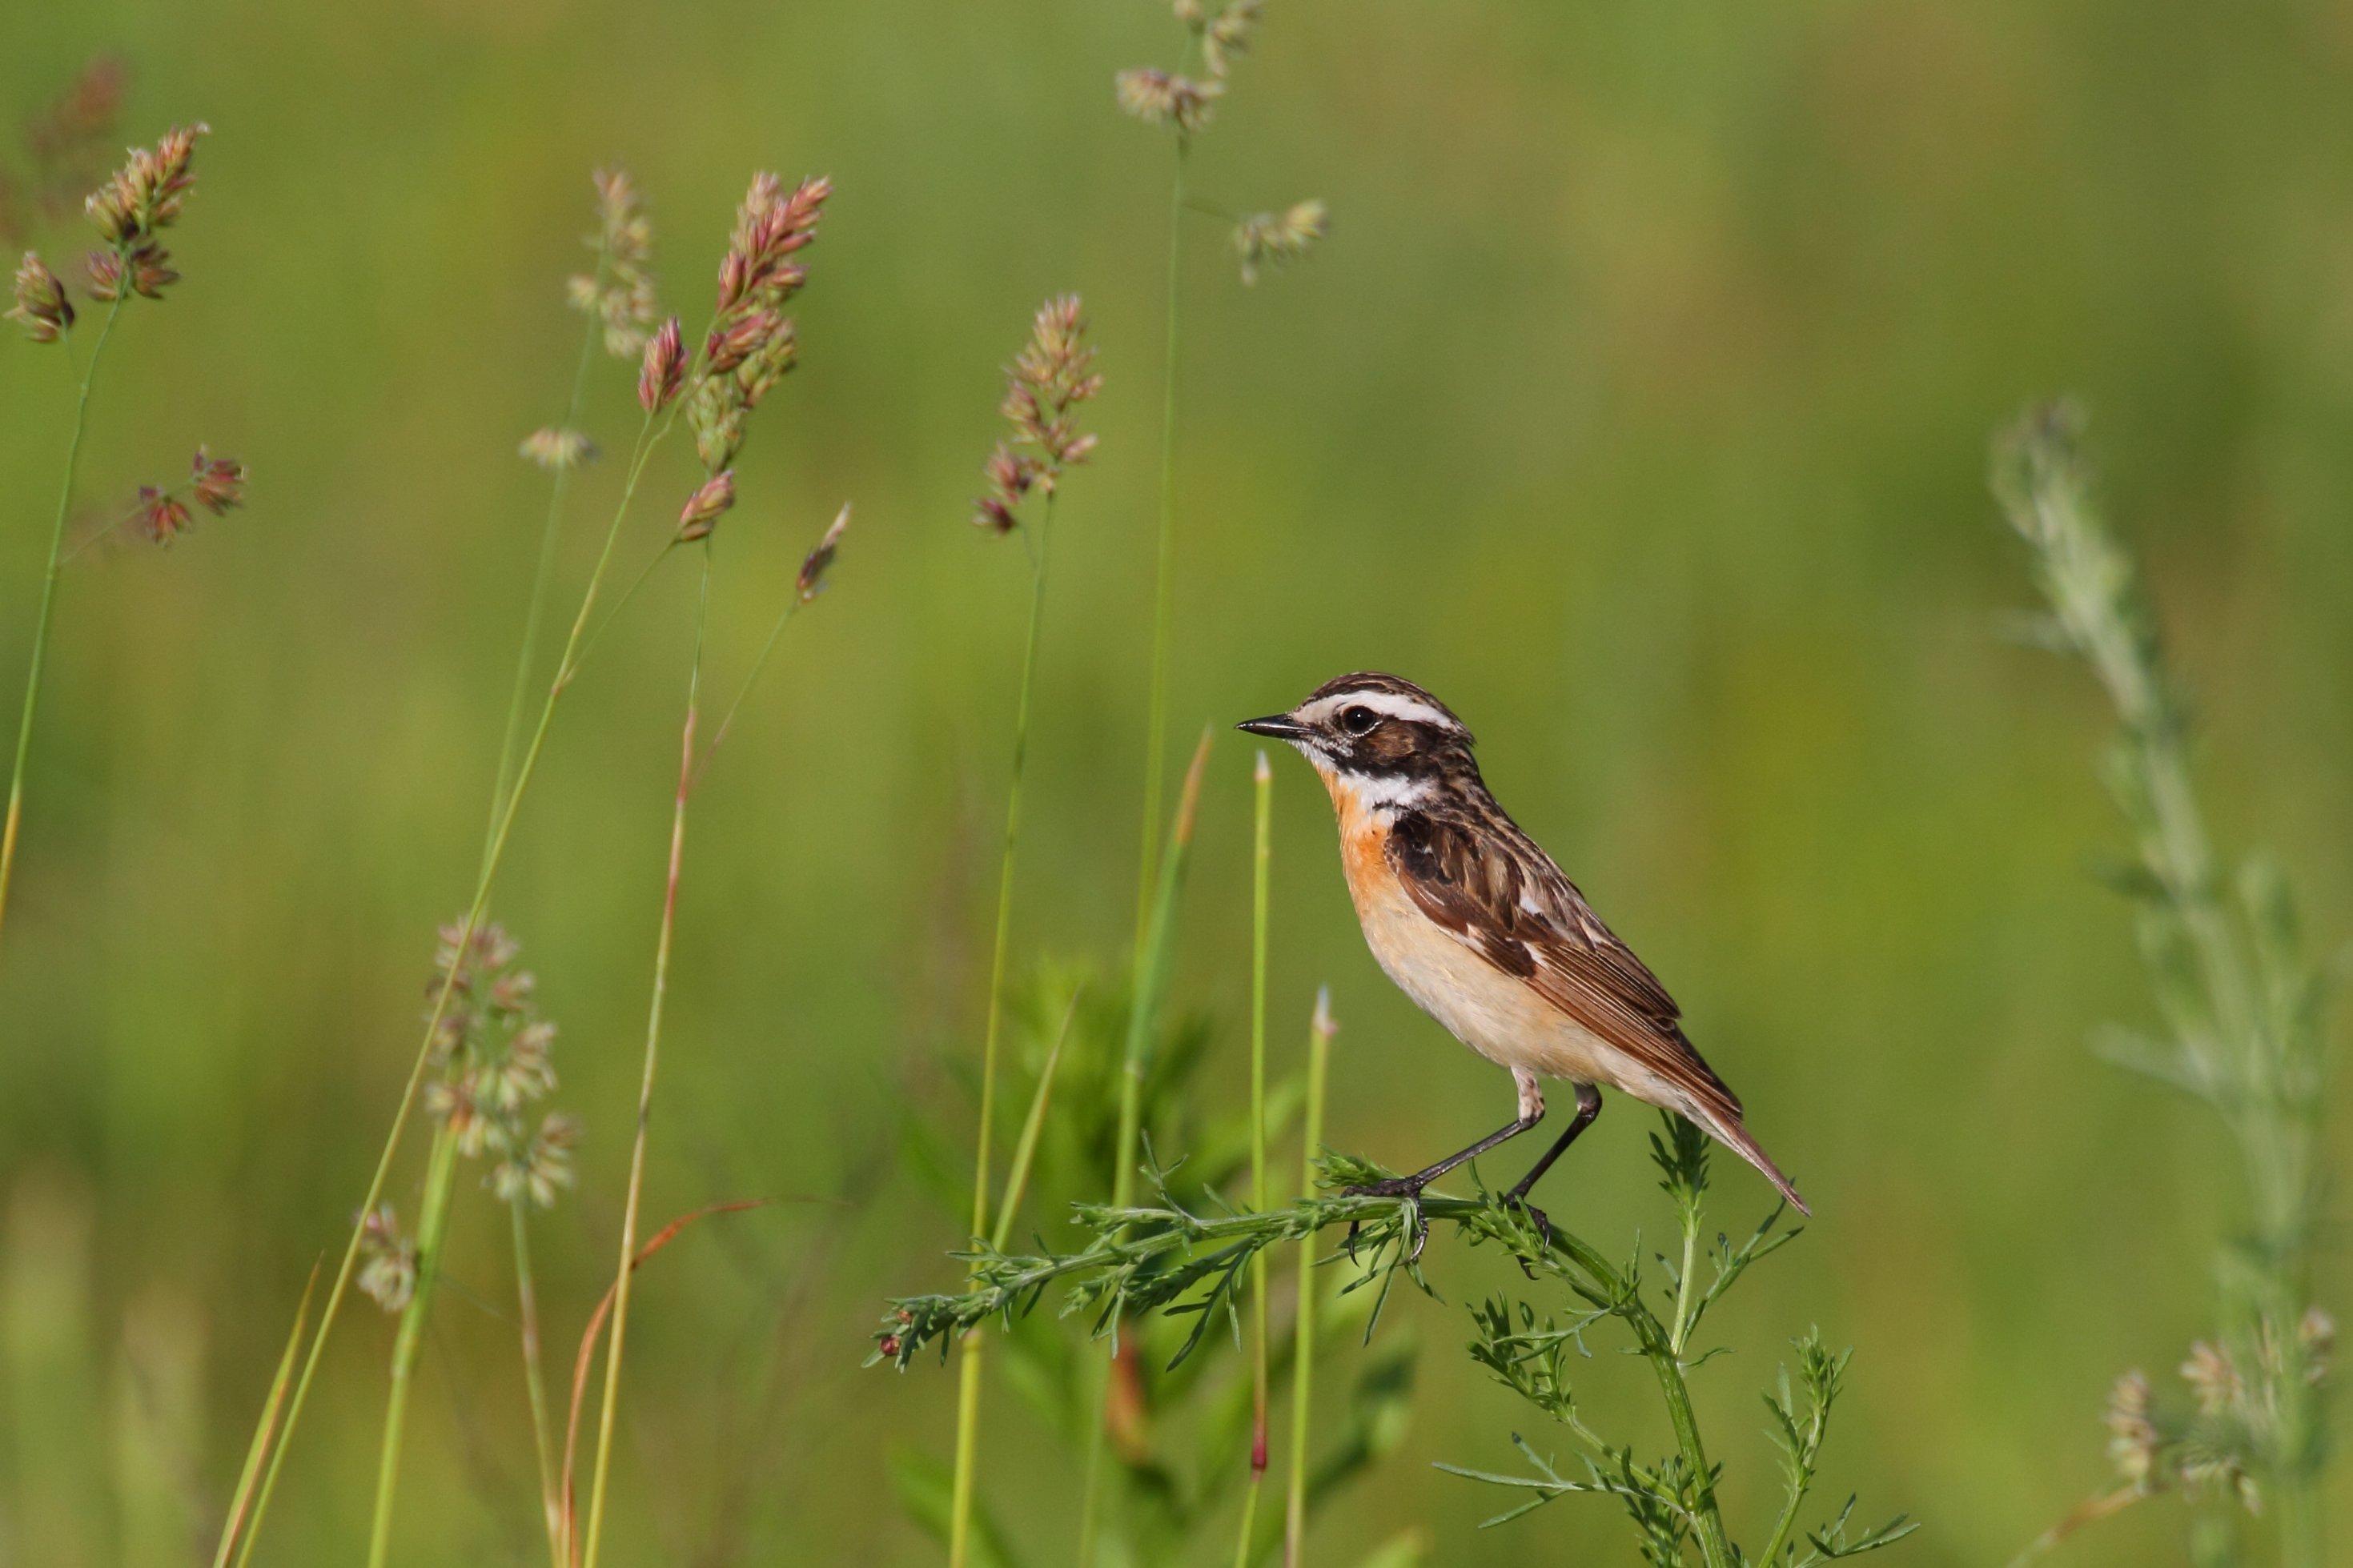 Ein Vogel sitzt auf einem Grashalm. Es handelt sich um ein Braunkehlchen. Diese Vogelart ist im Schwinden begriffen, weil ihr Lebensraum zerstört wird.